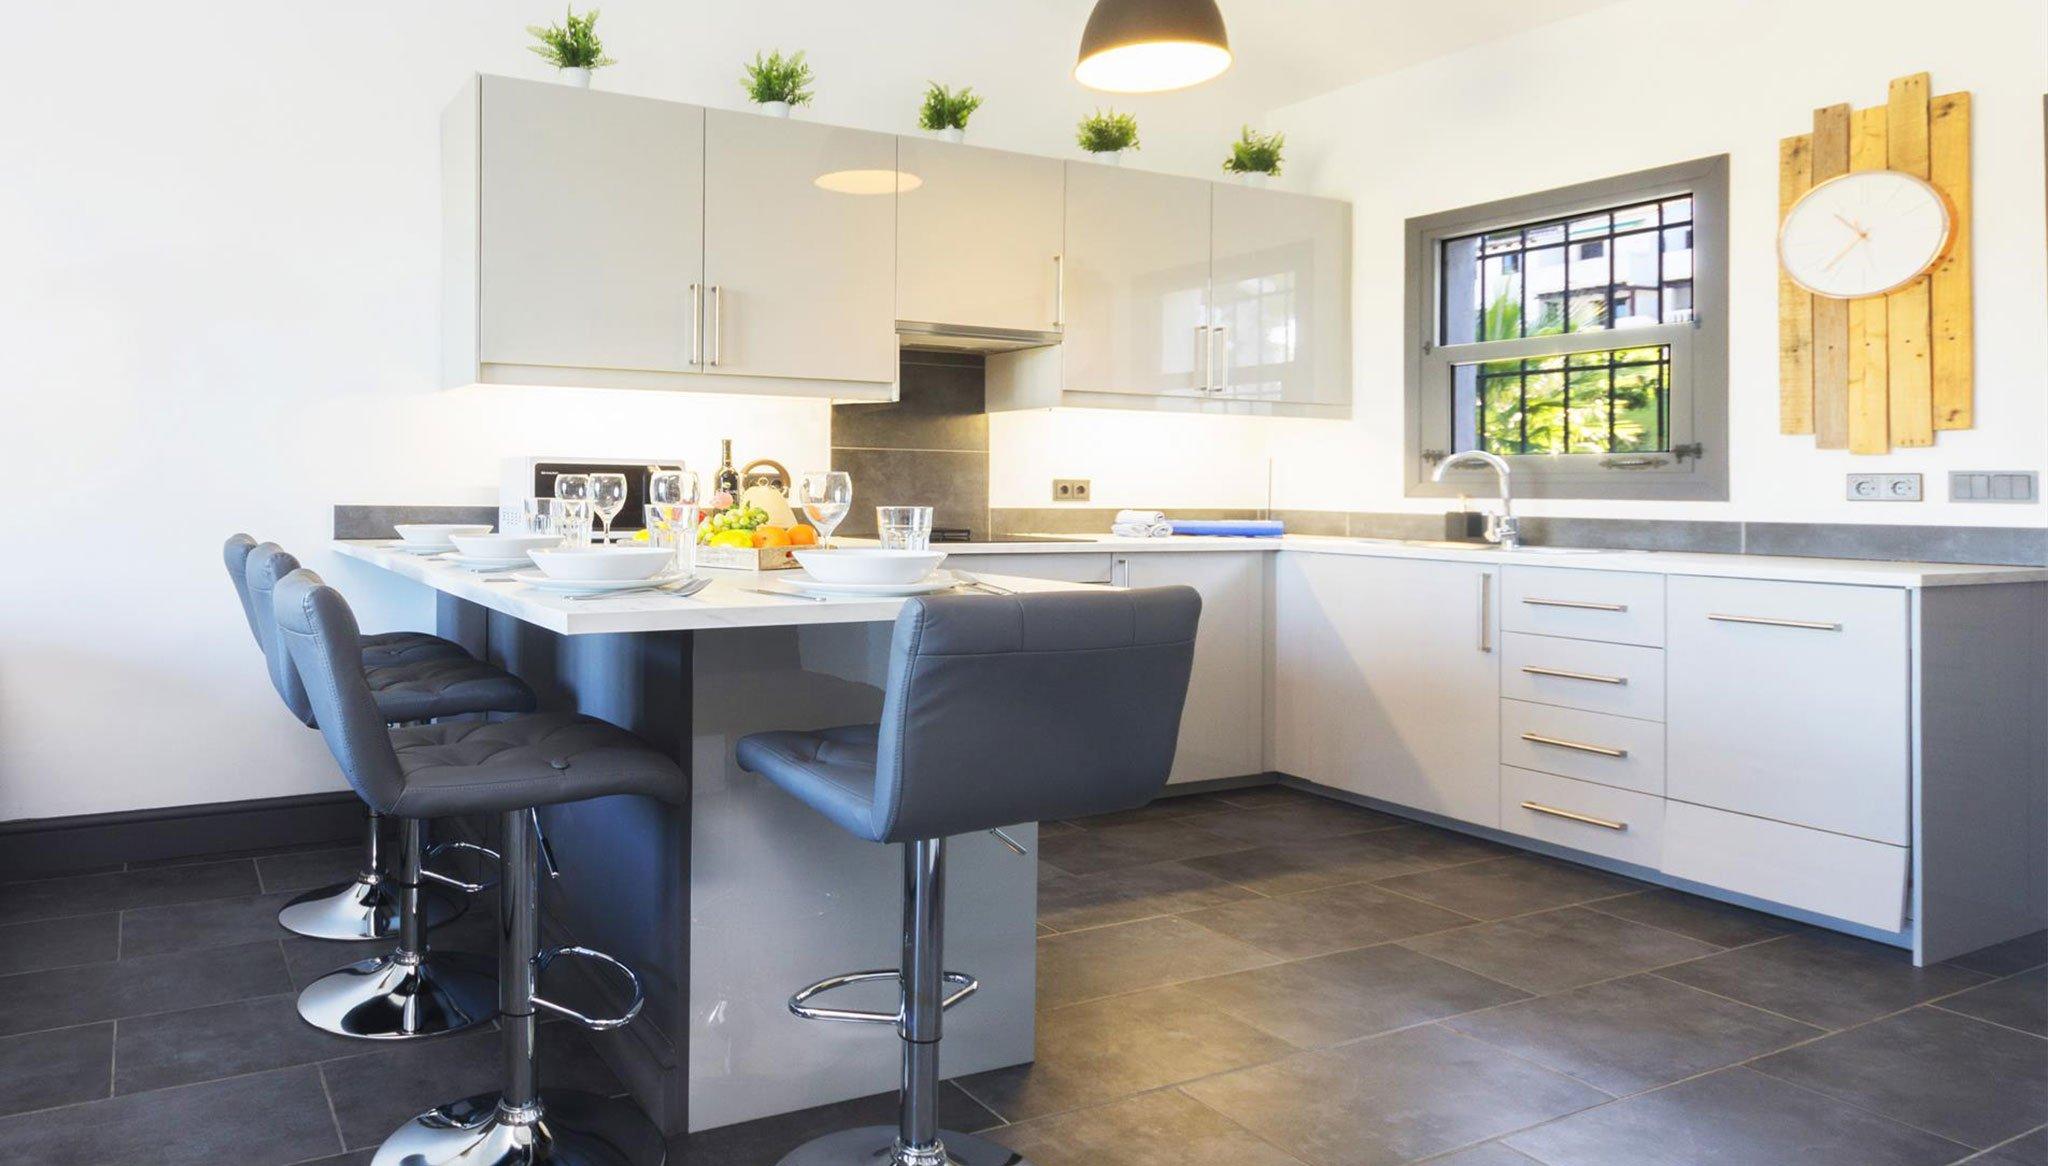 Cuina d'apartament de vacances a Moraira - Aguila Rent a Vila